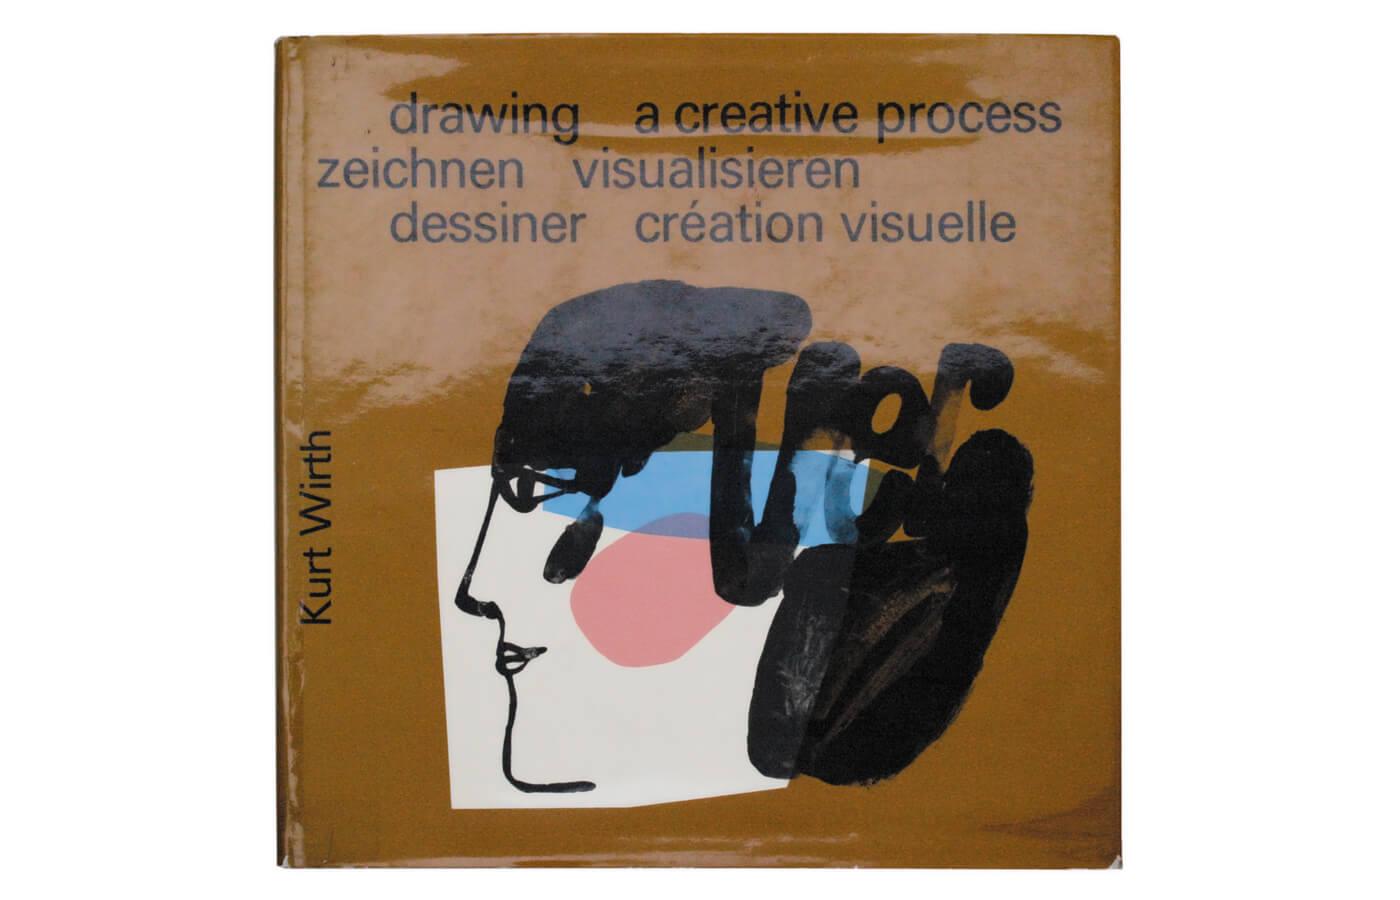 drawing, a creative process   zeichnen visualisieren   dessiner, création visuelle